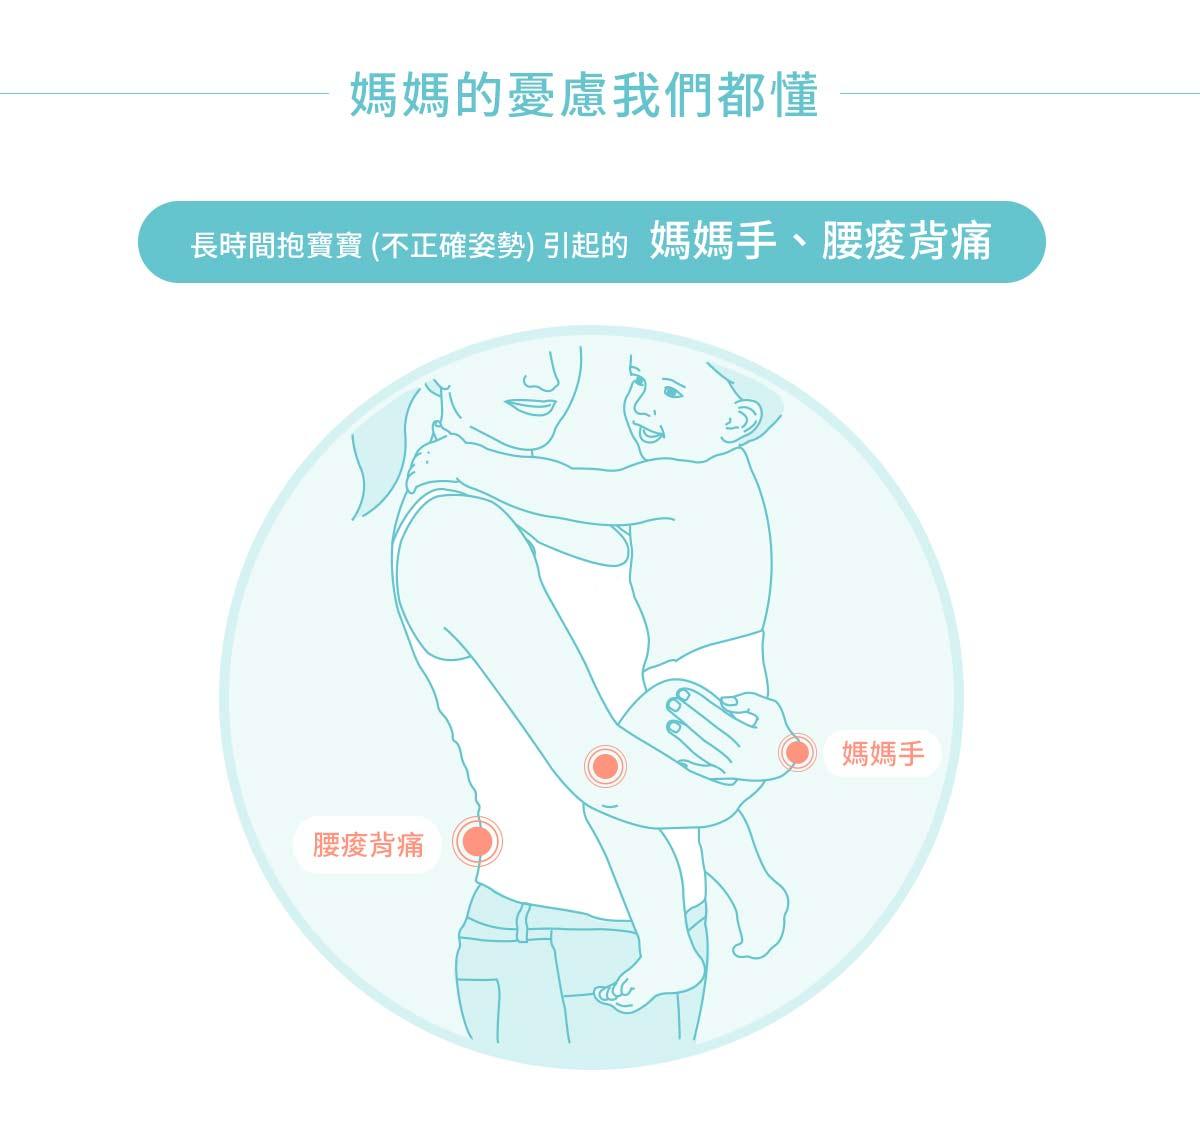 輕量透氣款坐墊式腰凳揹帶, 透氣式腰凳,透氣式揹帶,透氣式背帶,坐墊式腰凳,超輕量腰凳,腰凳,背帶,揹帶,媽媽的憂慮我們都懂,長時間抱寶寶,不正確的姿勢引起的,媽媽手,腰痠背痛